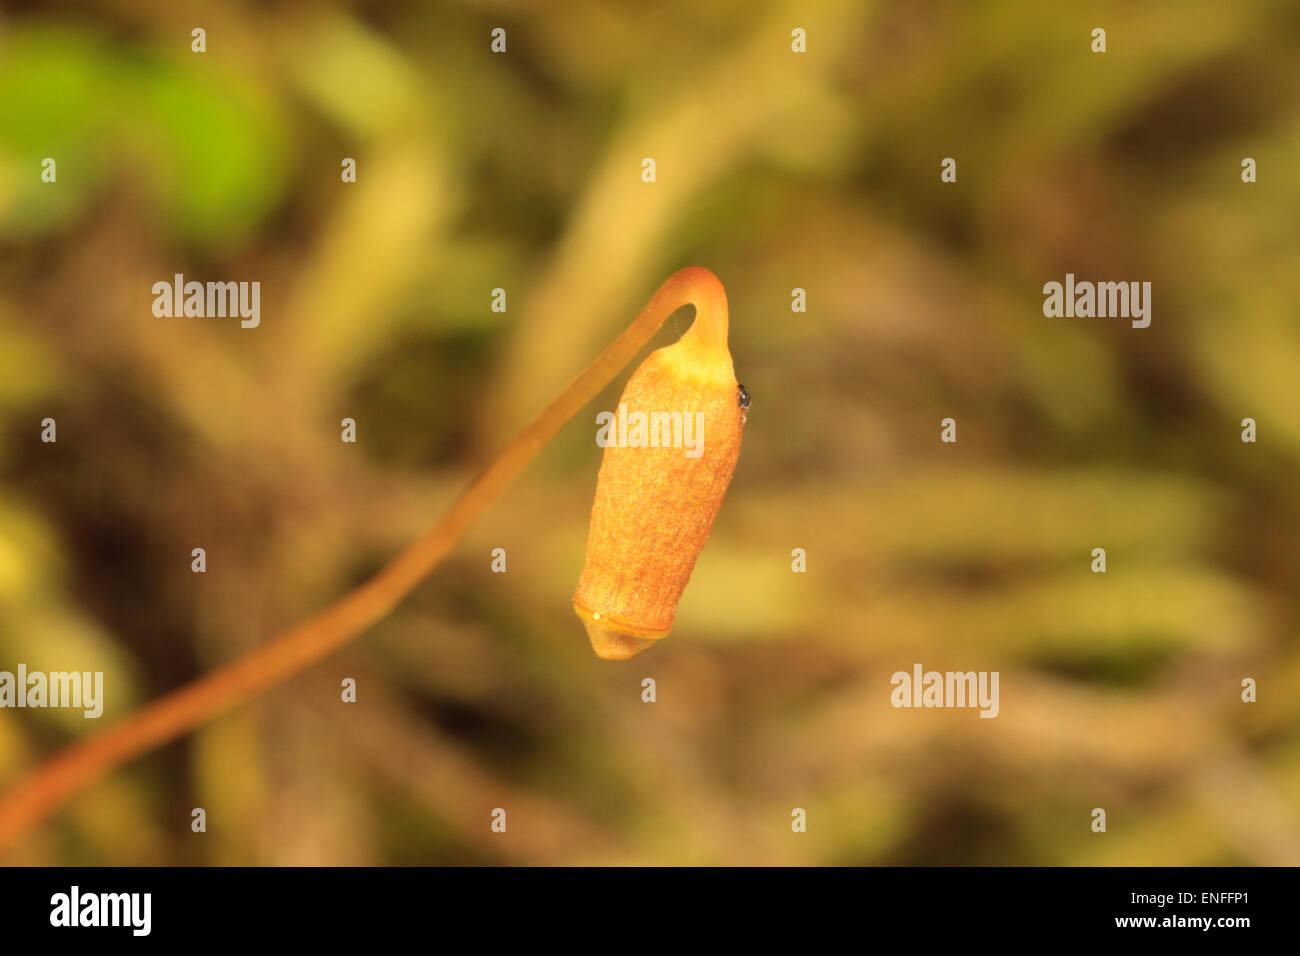 Moss matura capsula contenente spore Immagini Stock